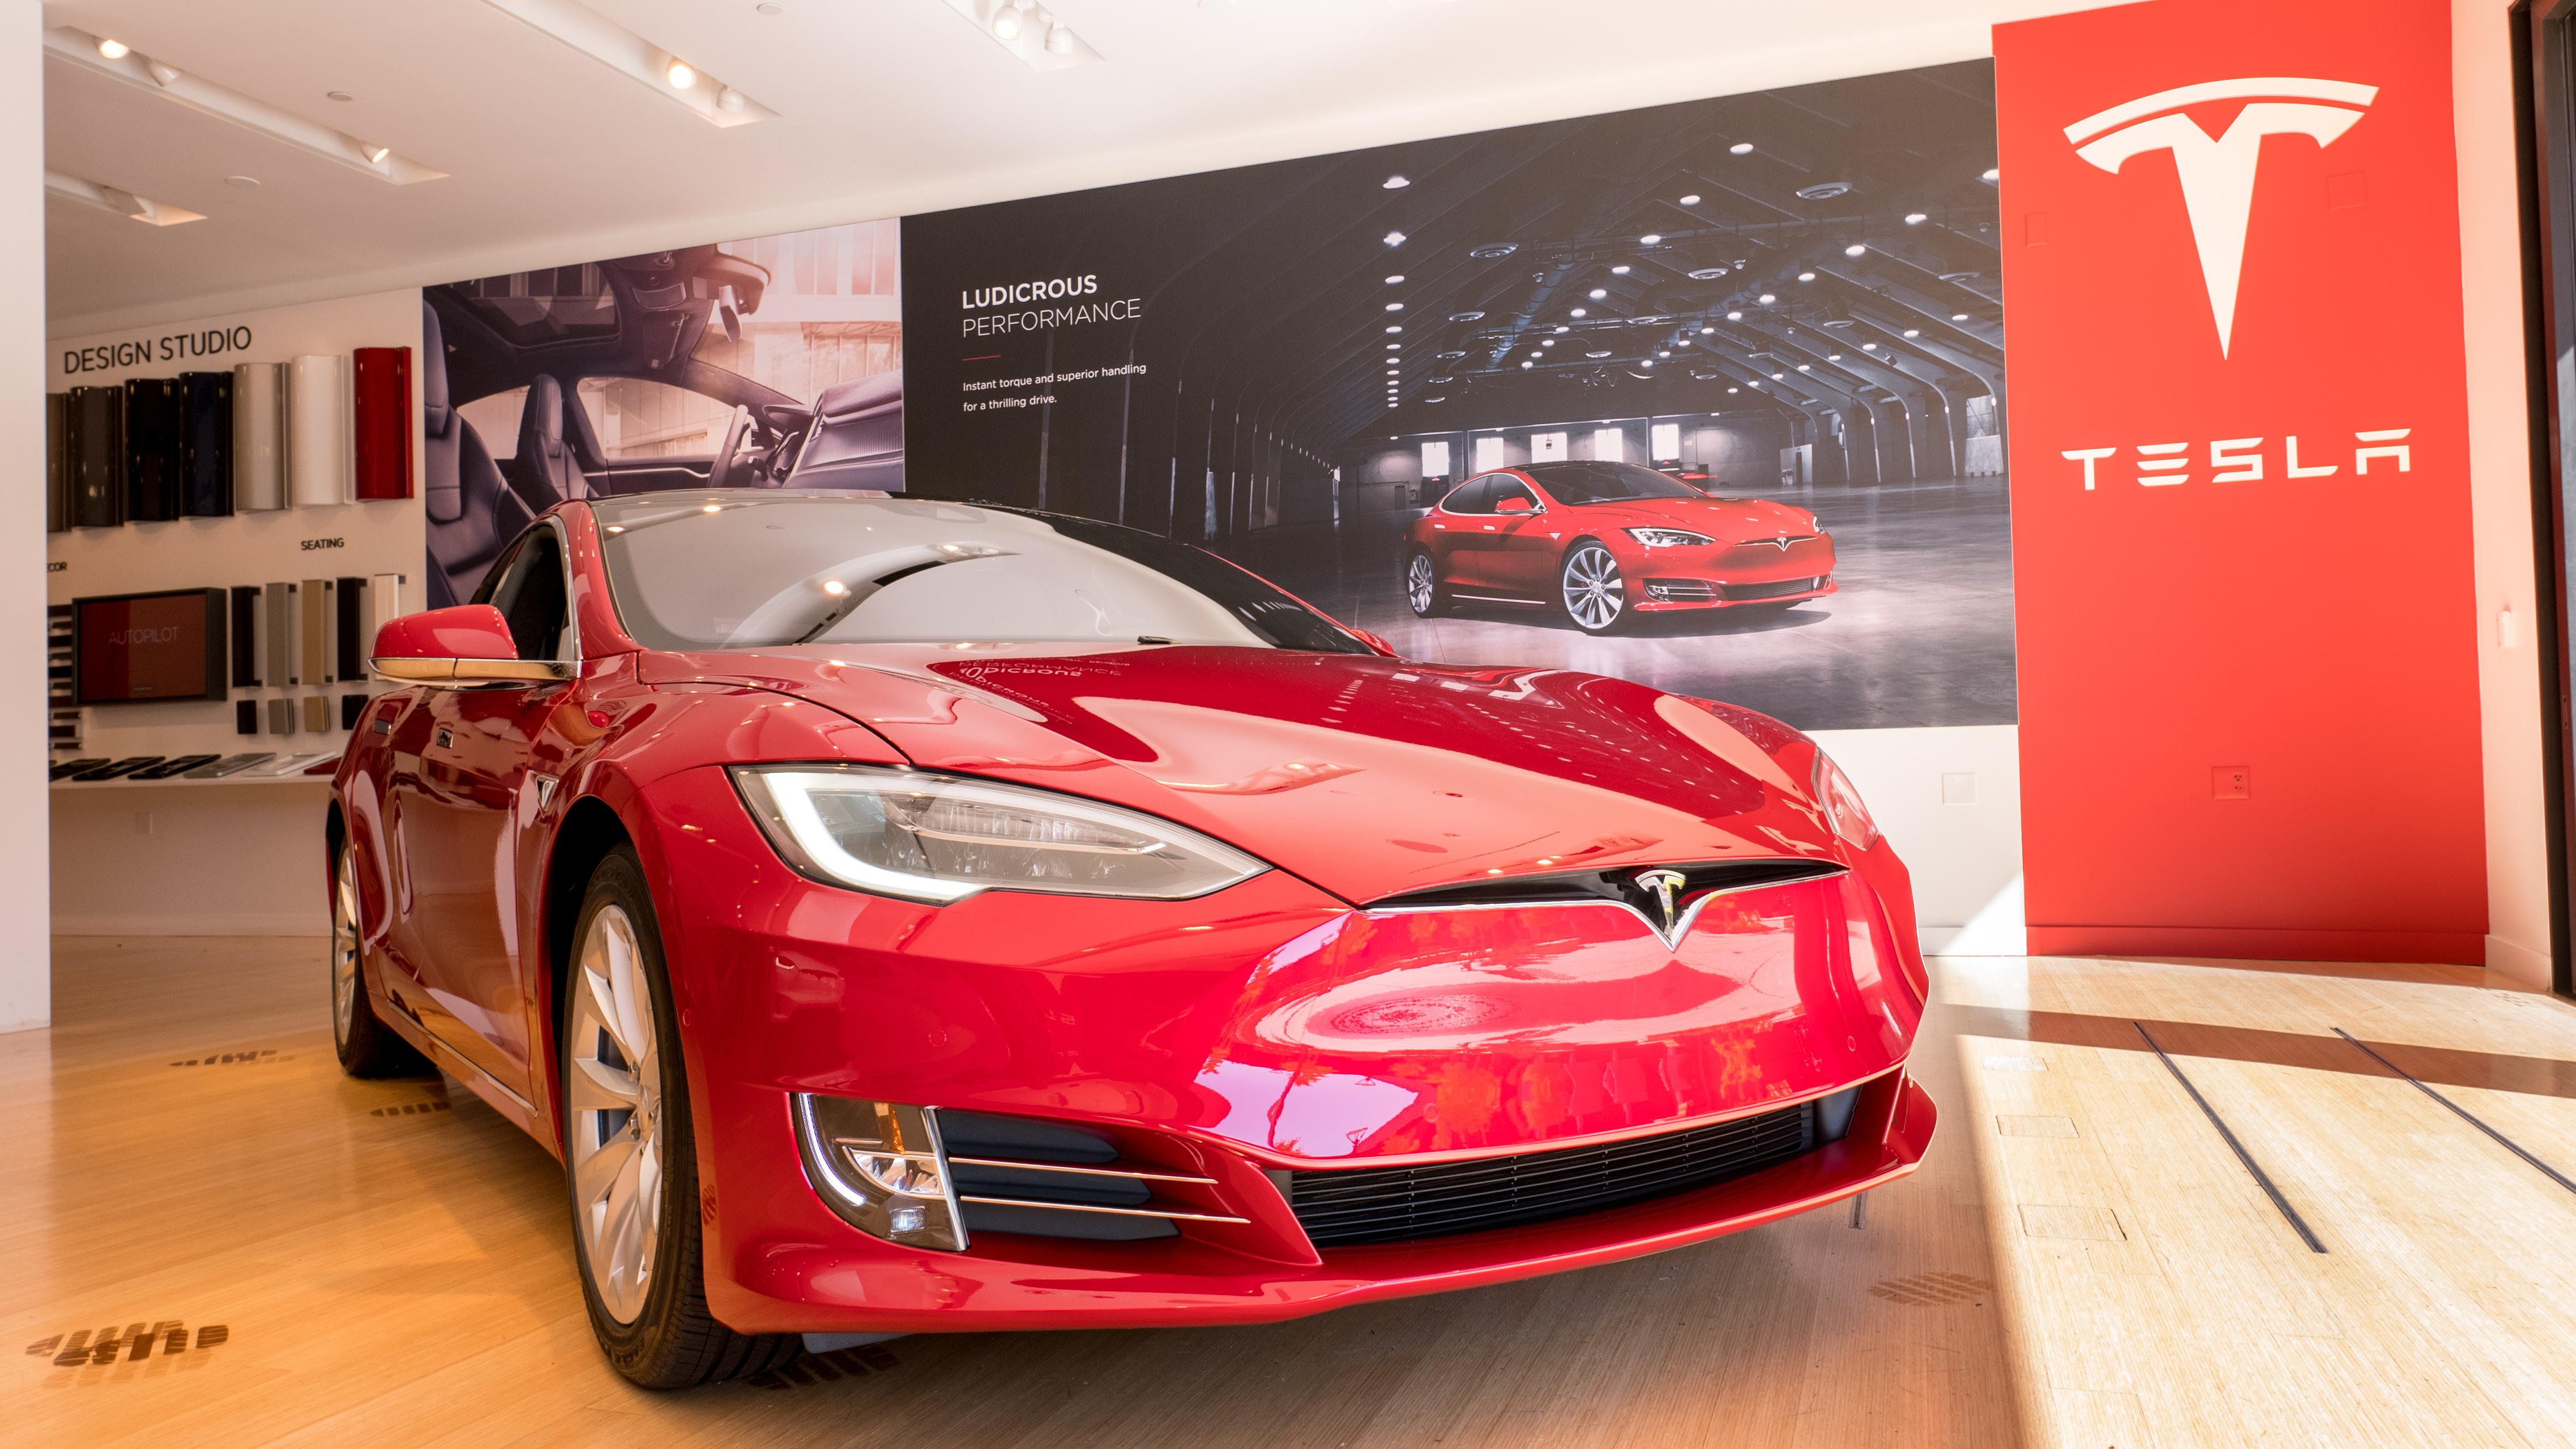 Model S in a Tesla store